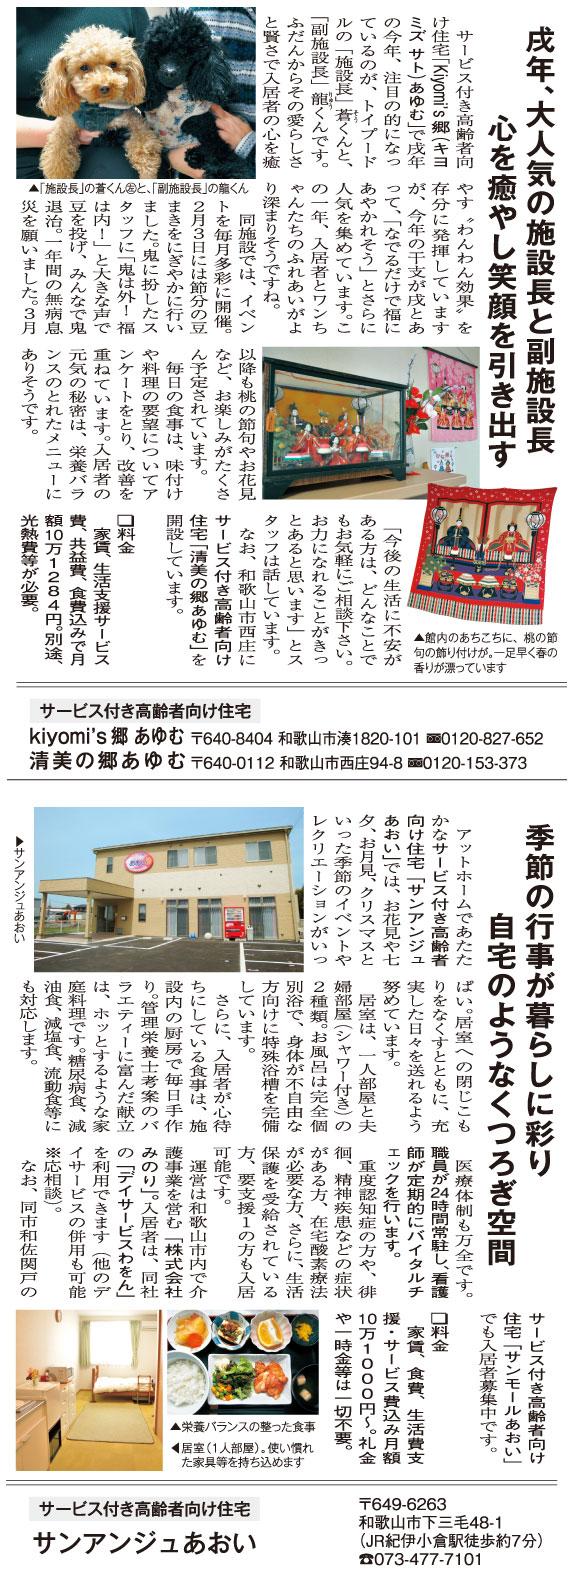 近ごろの介護施設情報〜kiyomi's郷あゆむ・清美の郷あゆむ、サンアンジュあおい〜